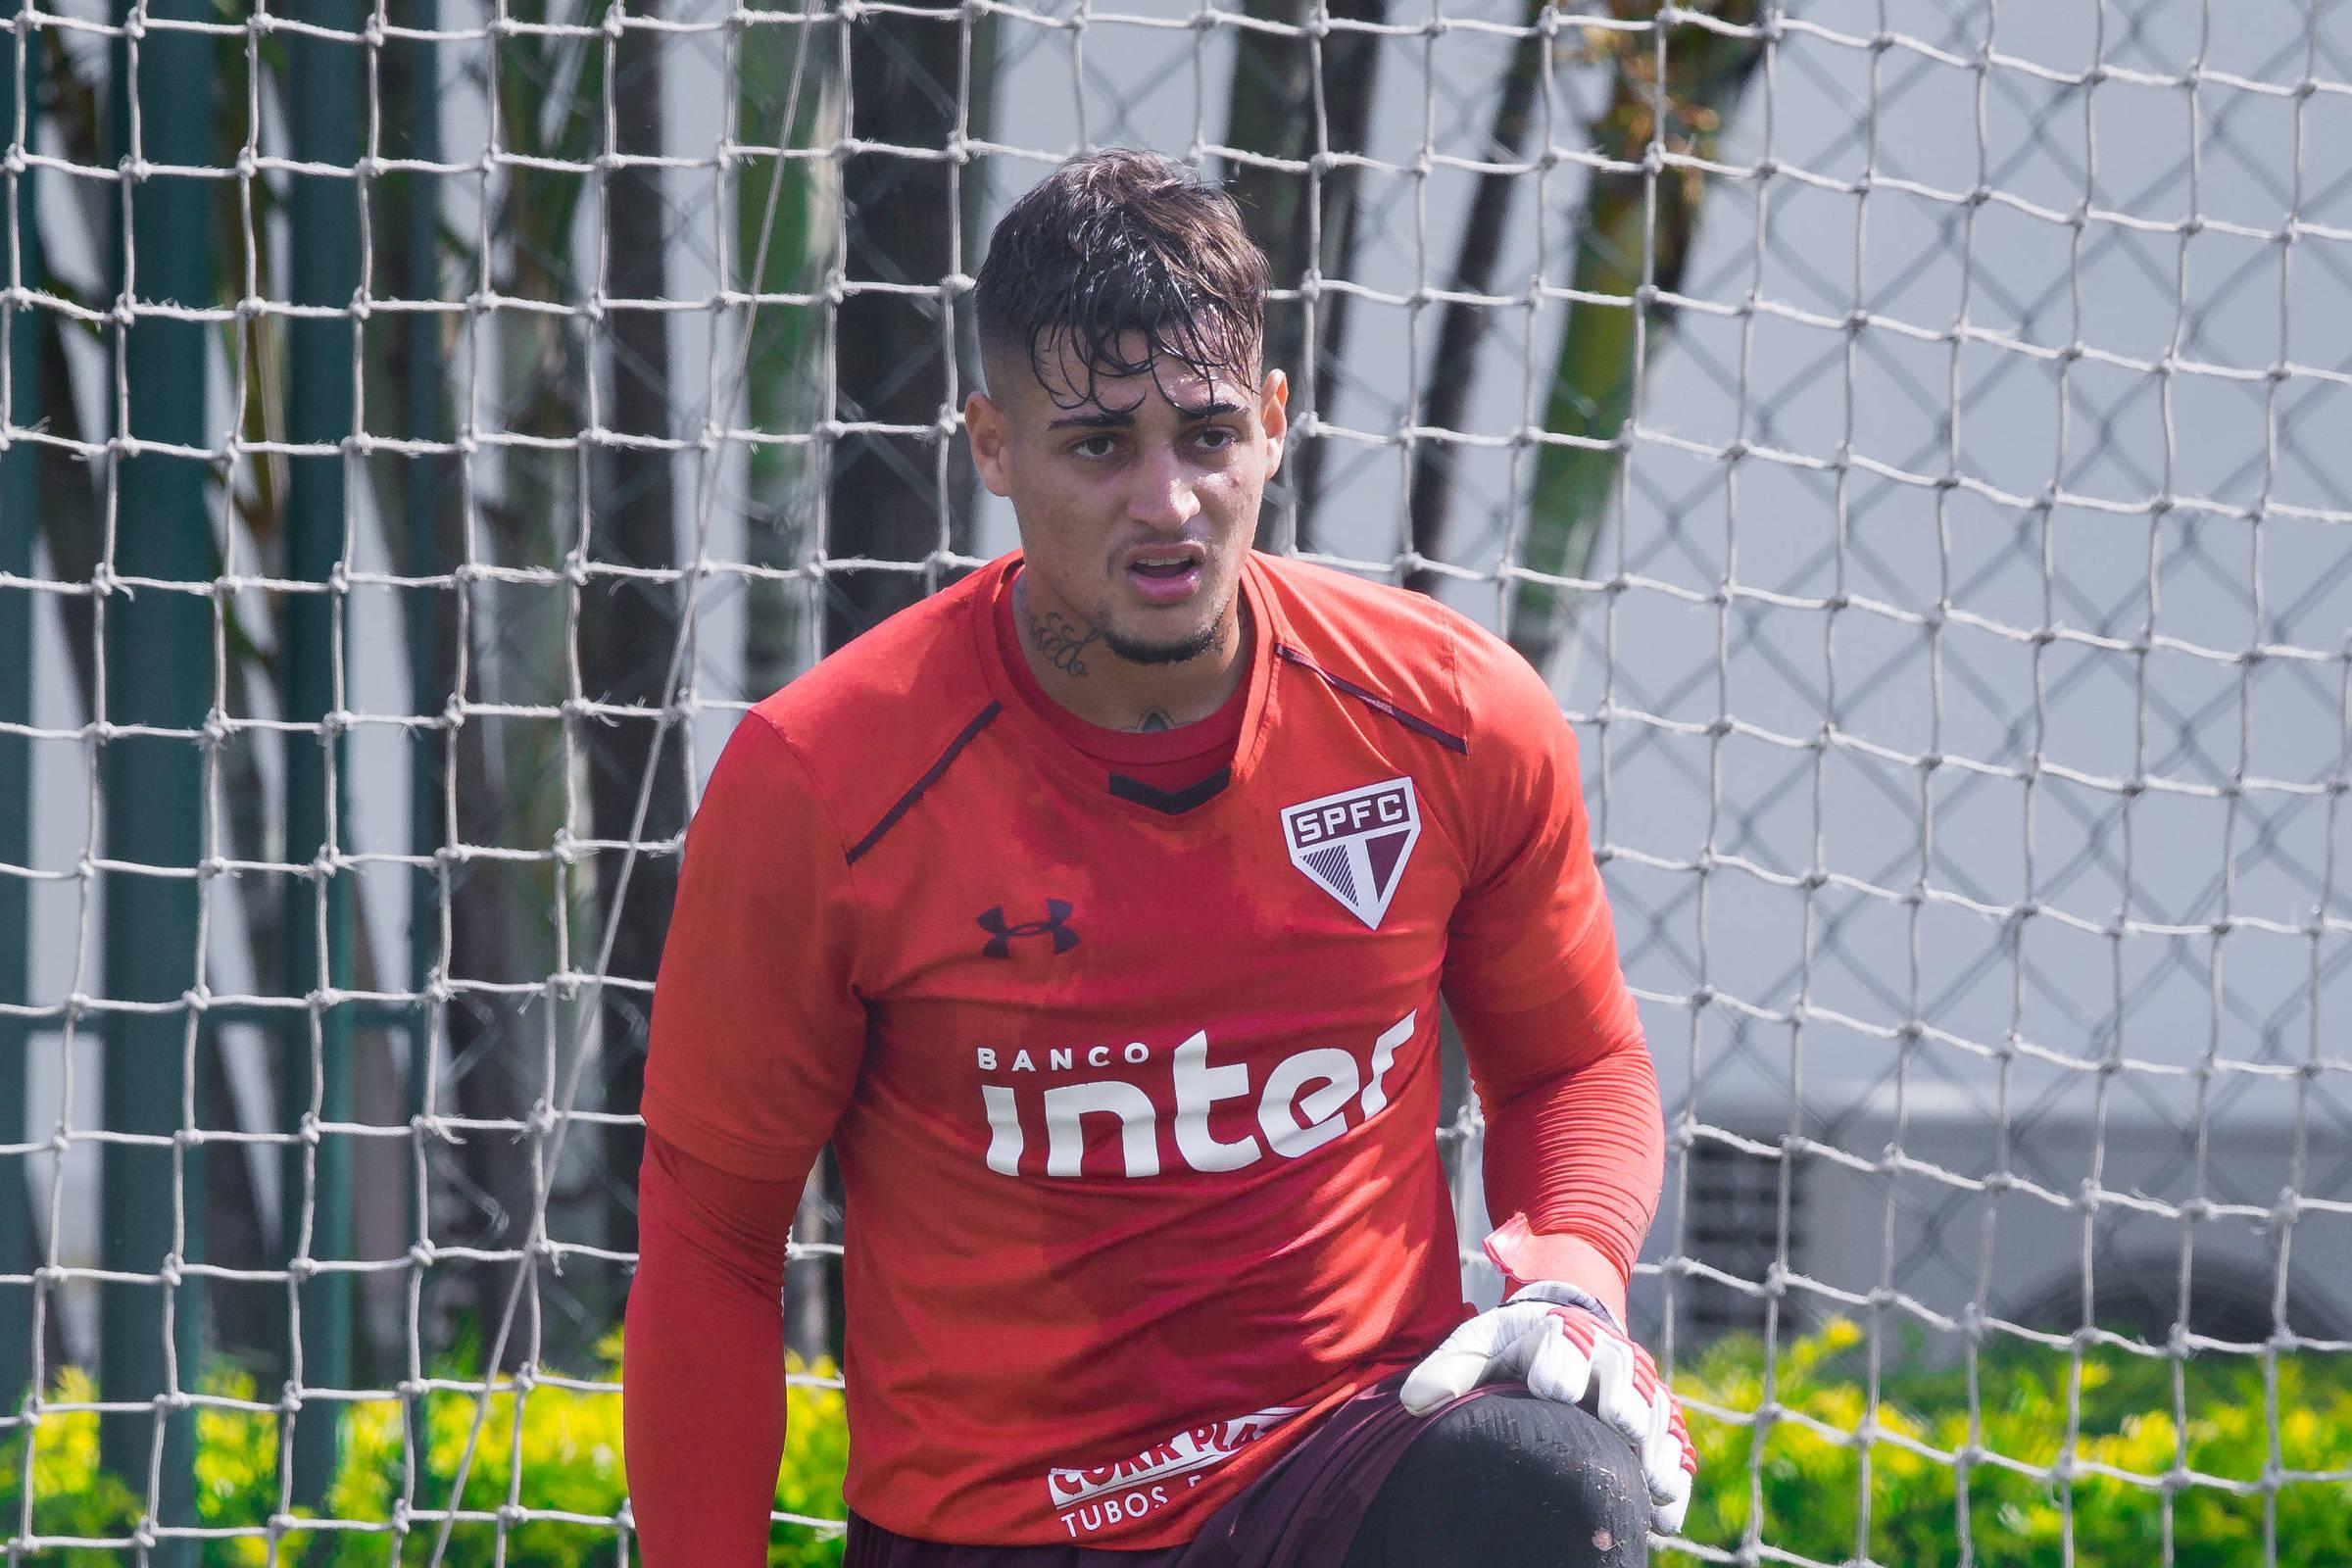 O goleiro Jean, que veio do Bahia, durante treino no São Paulo - Ronny Santos - 5.fev.2018/Folhapress